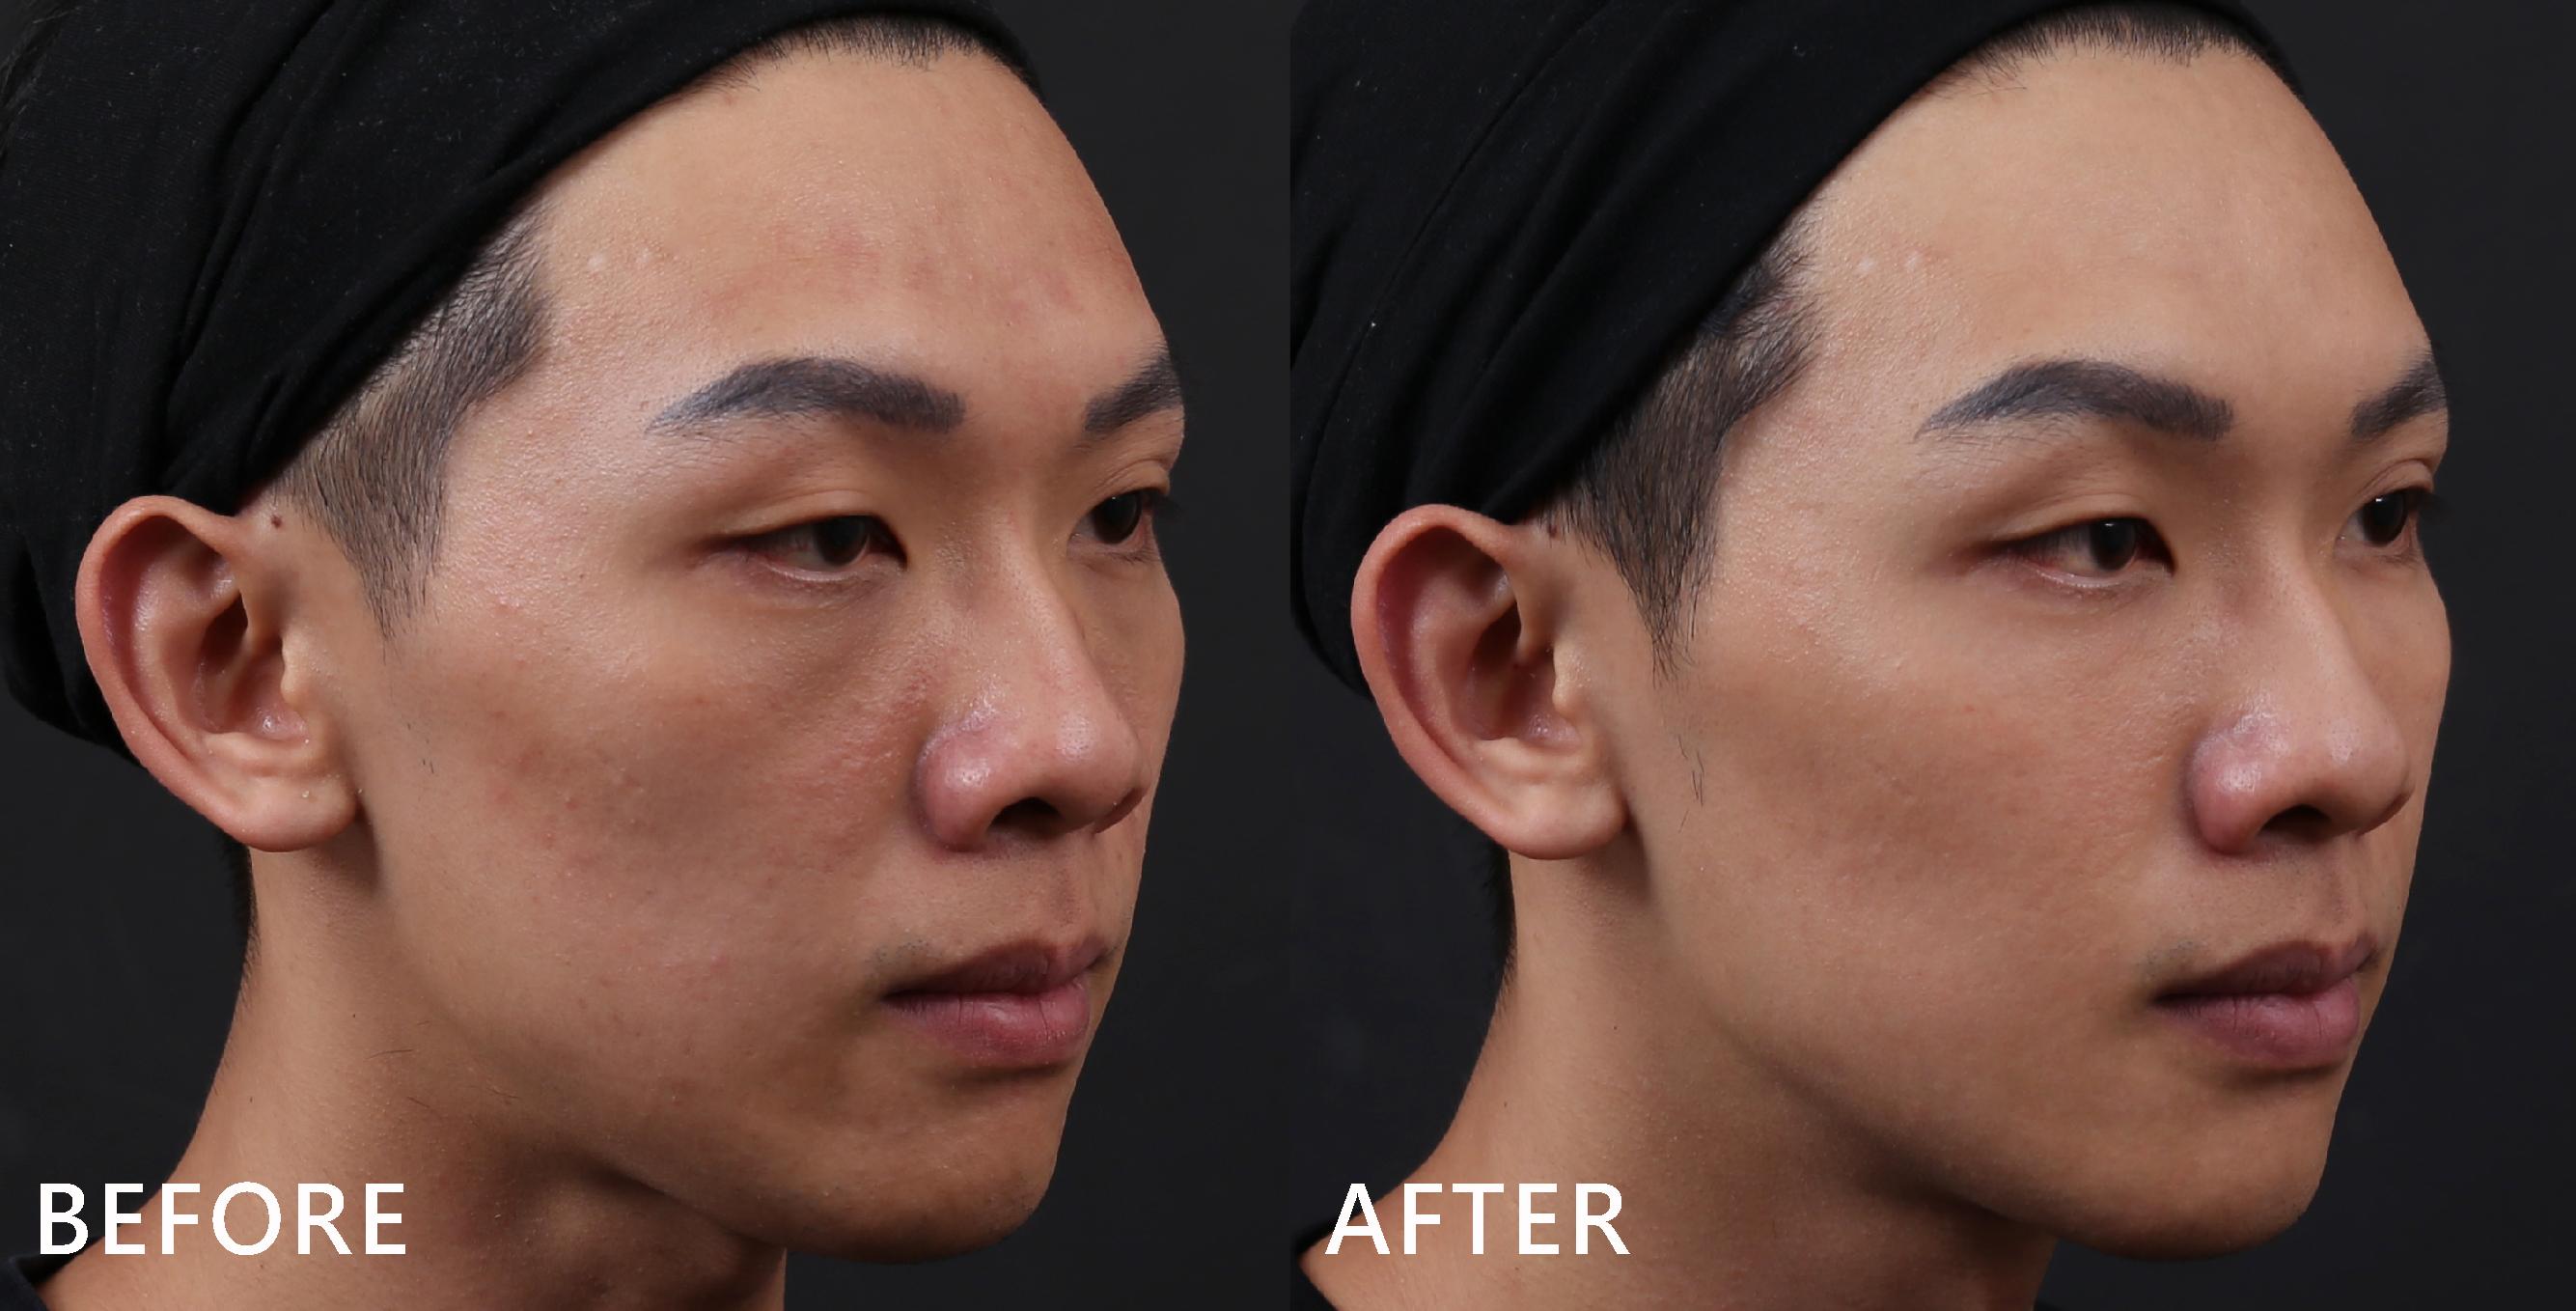 自然修補蘋果肌後,臉型凹陷消失了。(效果因個案而異)